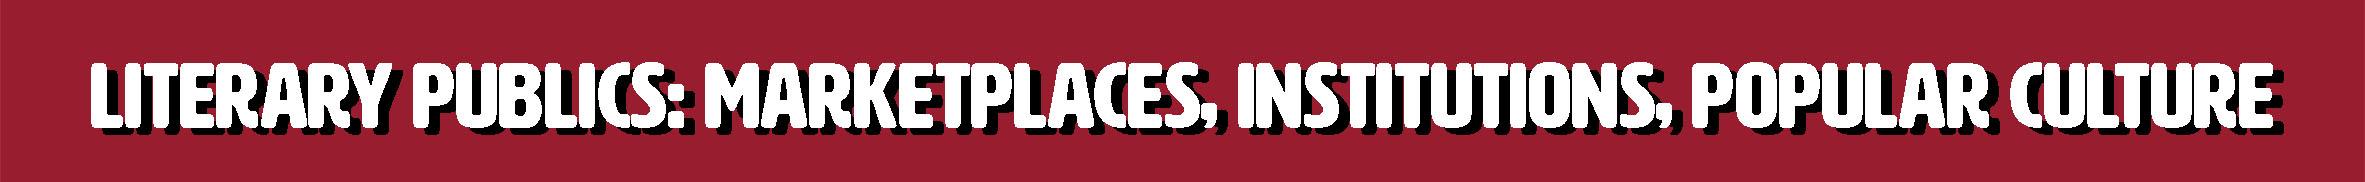 Marketplaces, Institutions, Popular Culture